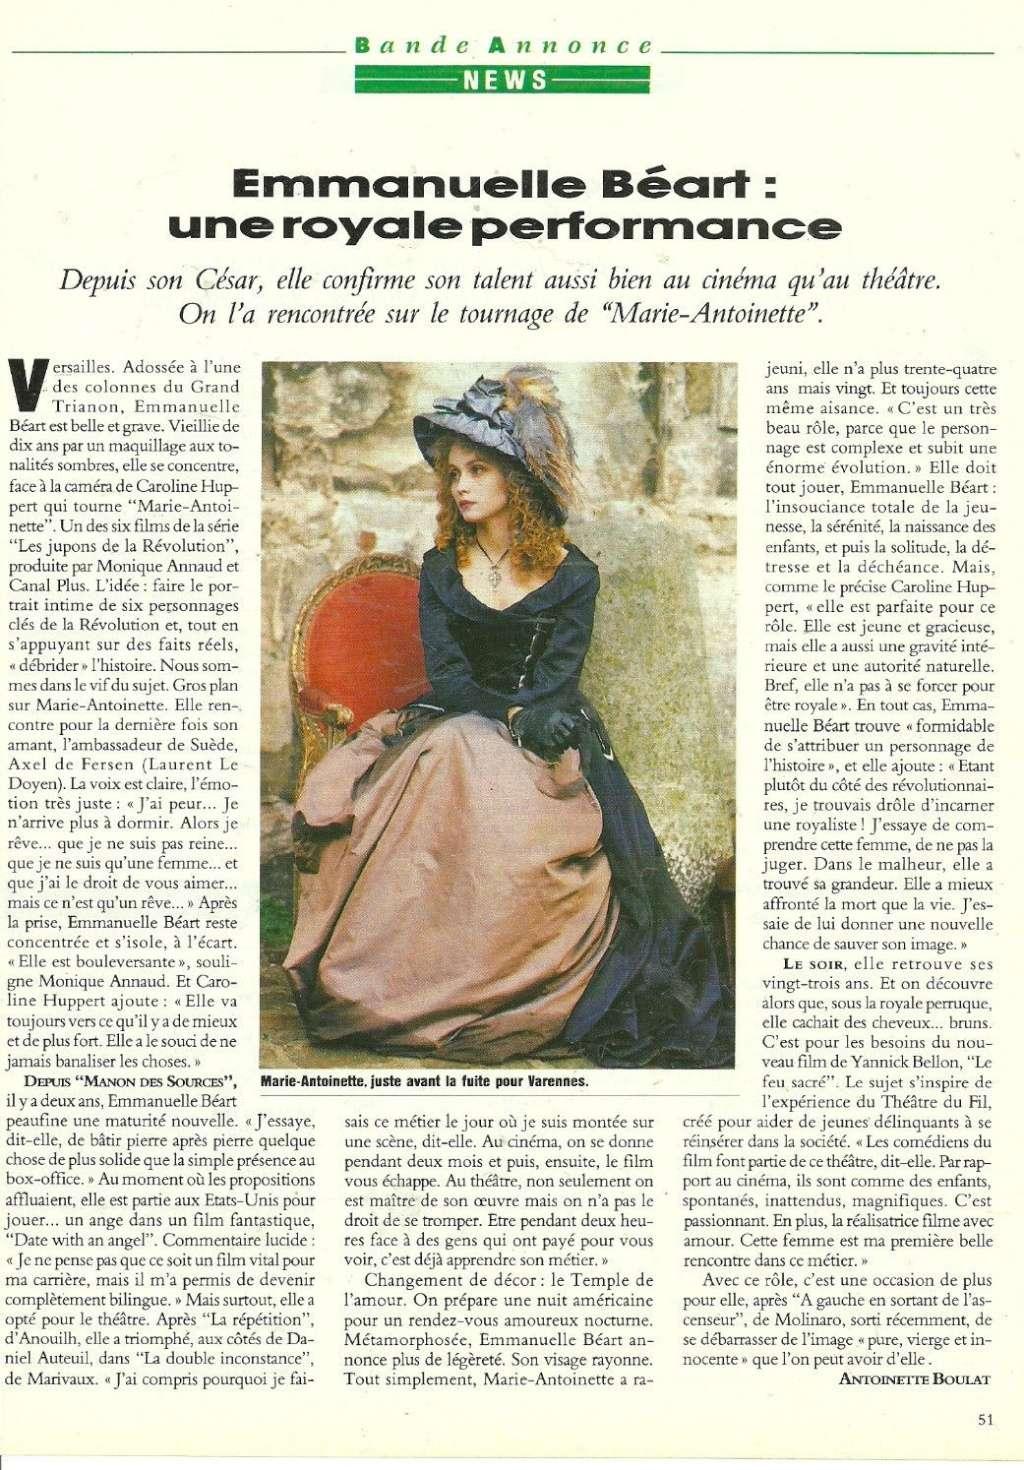 Marie Antoinette, reine d'un seul amour de Caroline Huppert, avec Emmanuelle Béart - Page 2 Zmac13